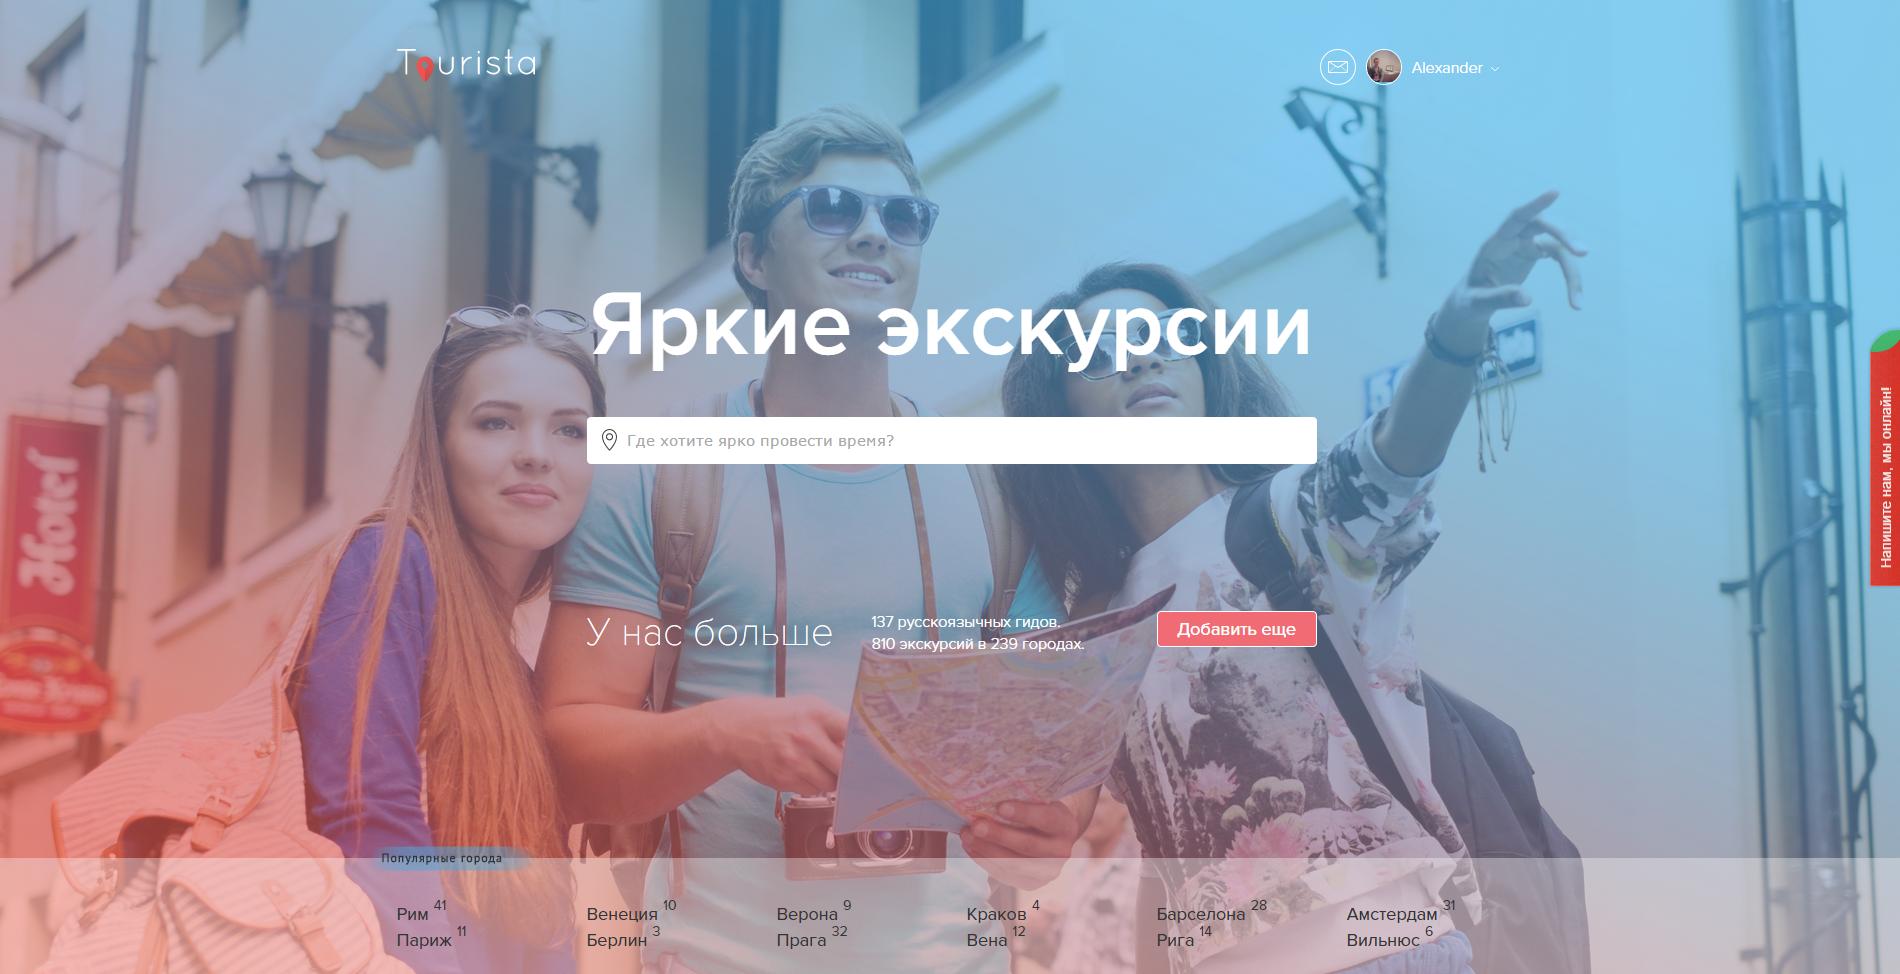 Tourista.me — сервис по подбору экскурсий по всему миру